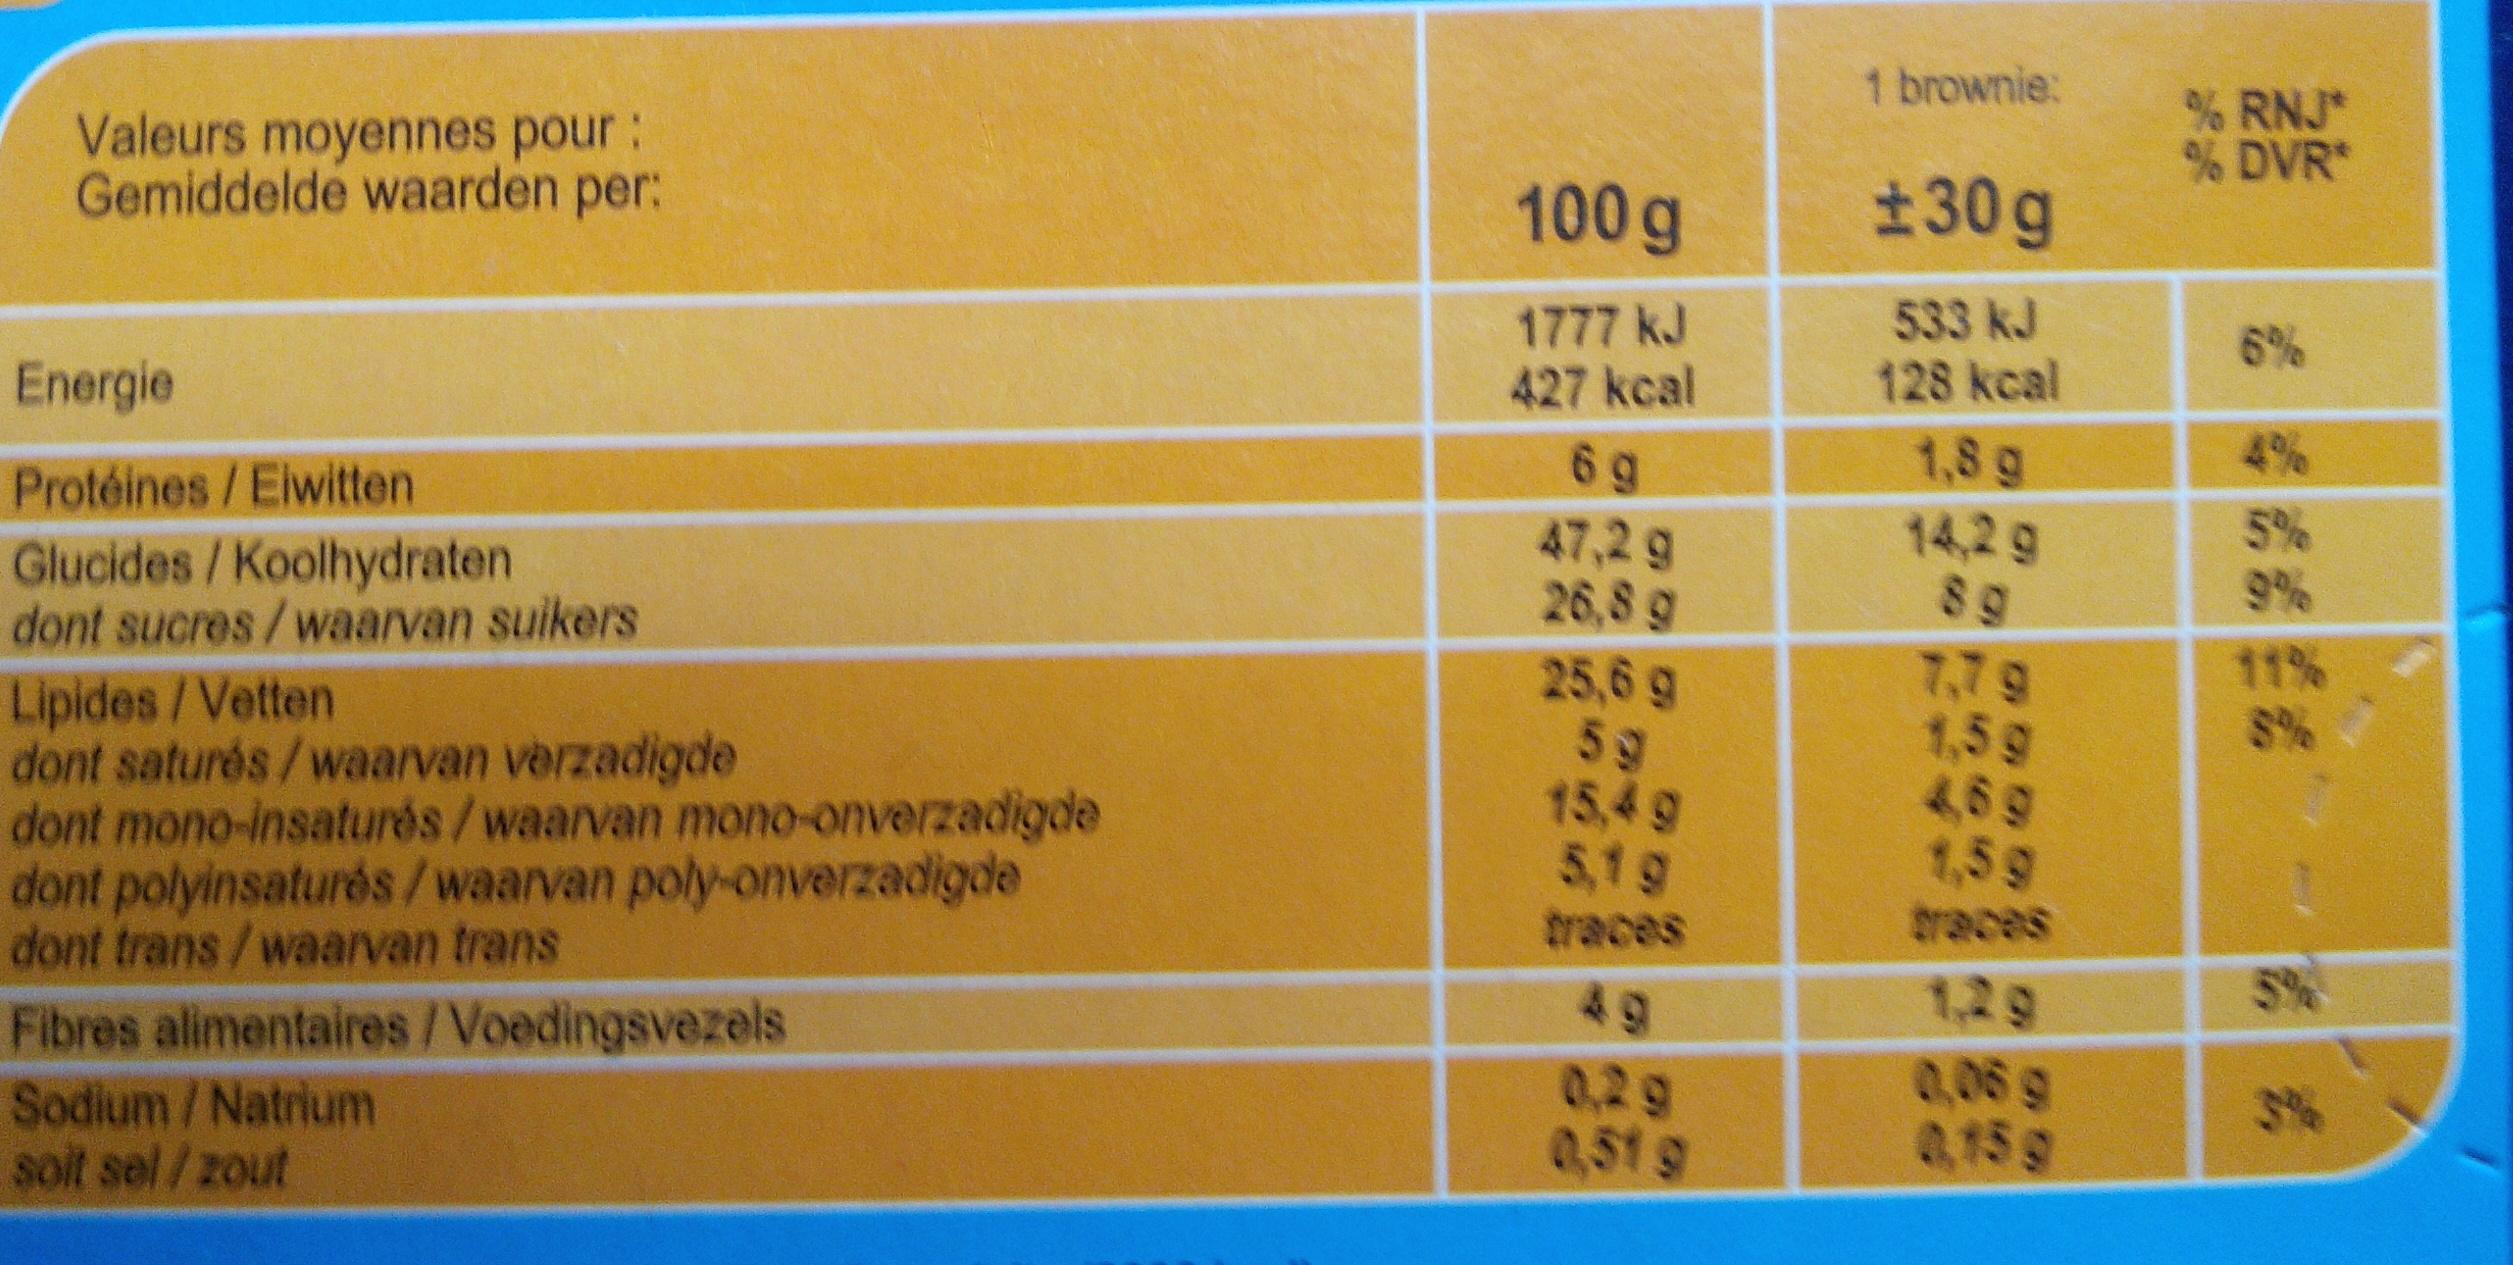 Brownie  chocolat noisettes goût noisette. - Informations nutritionnelles - fr